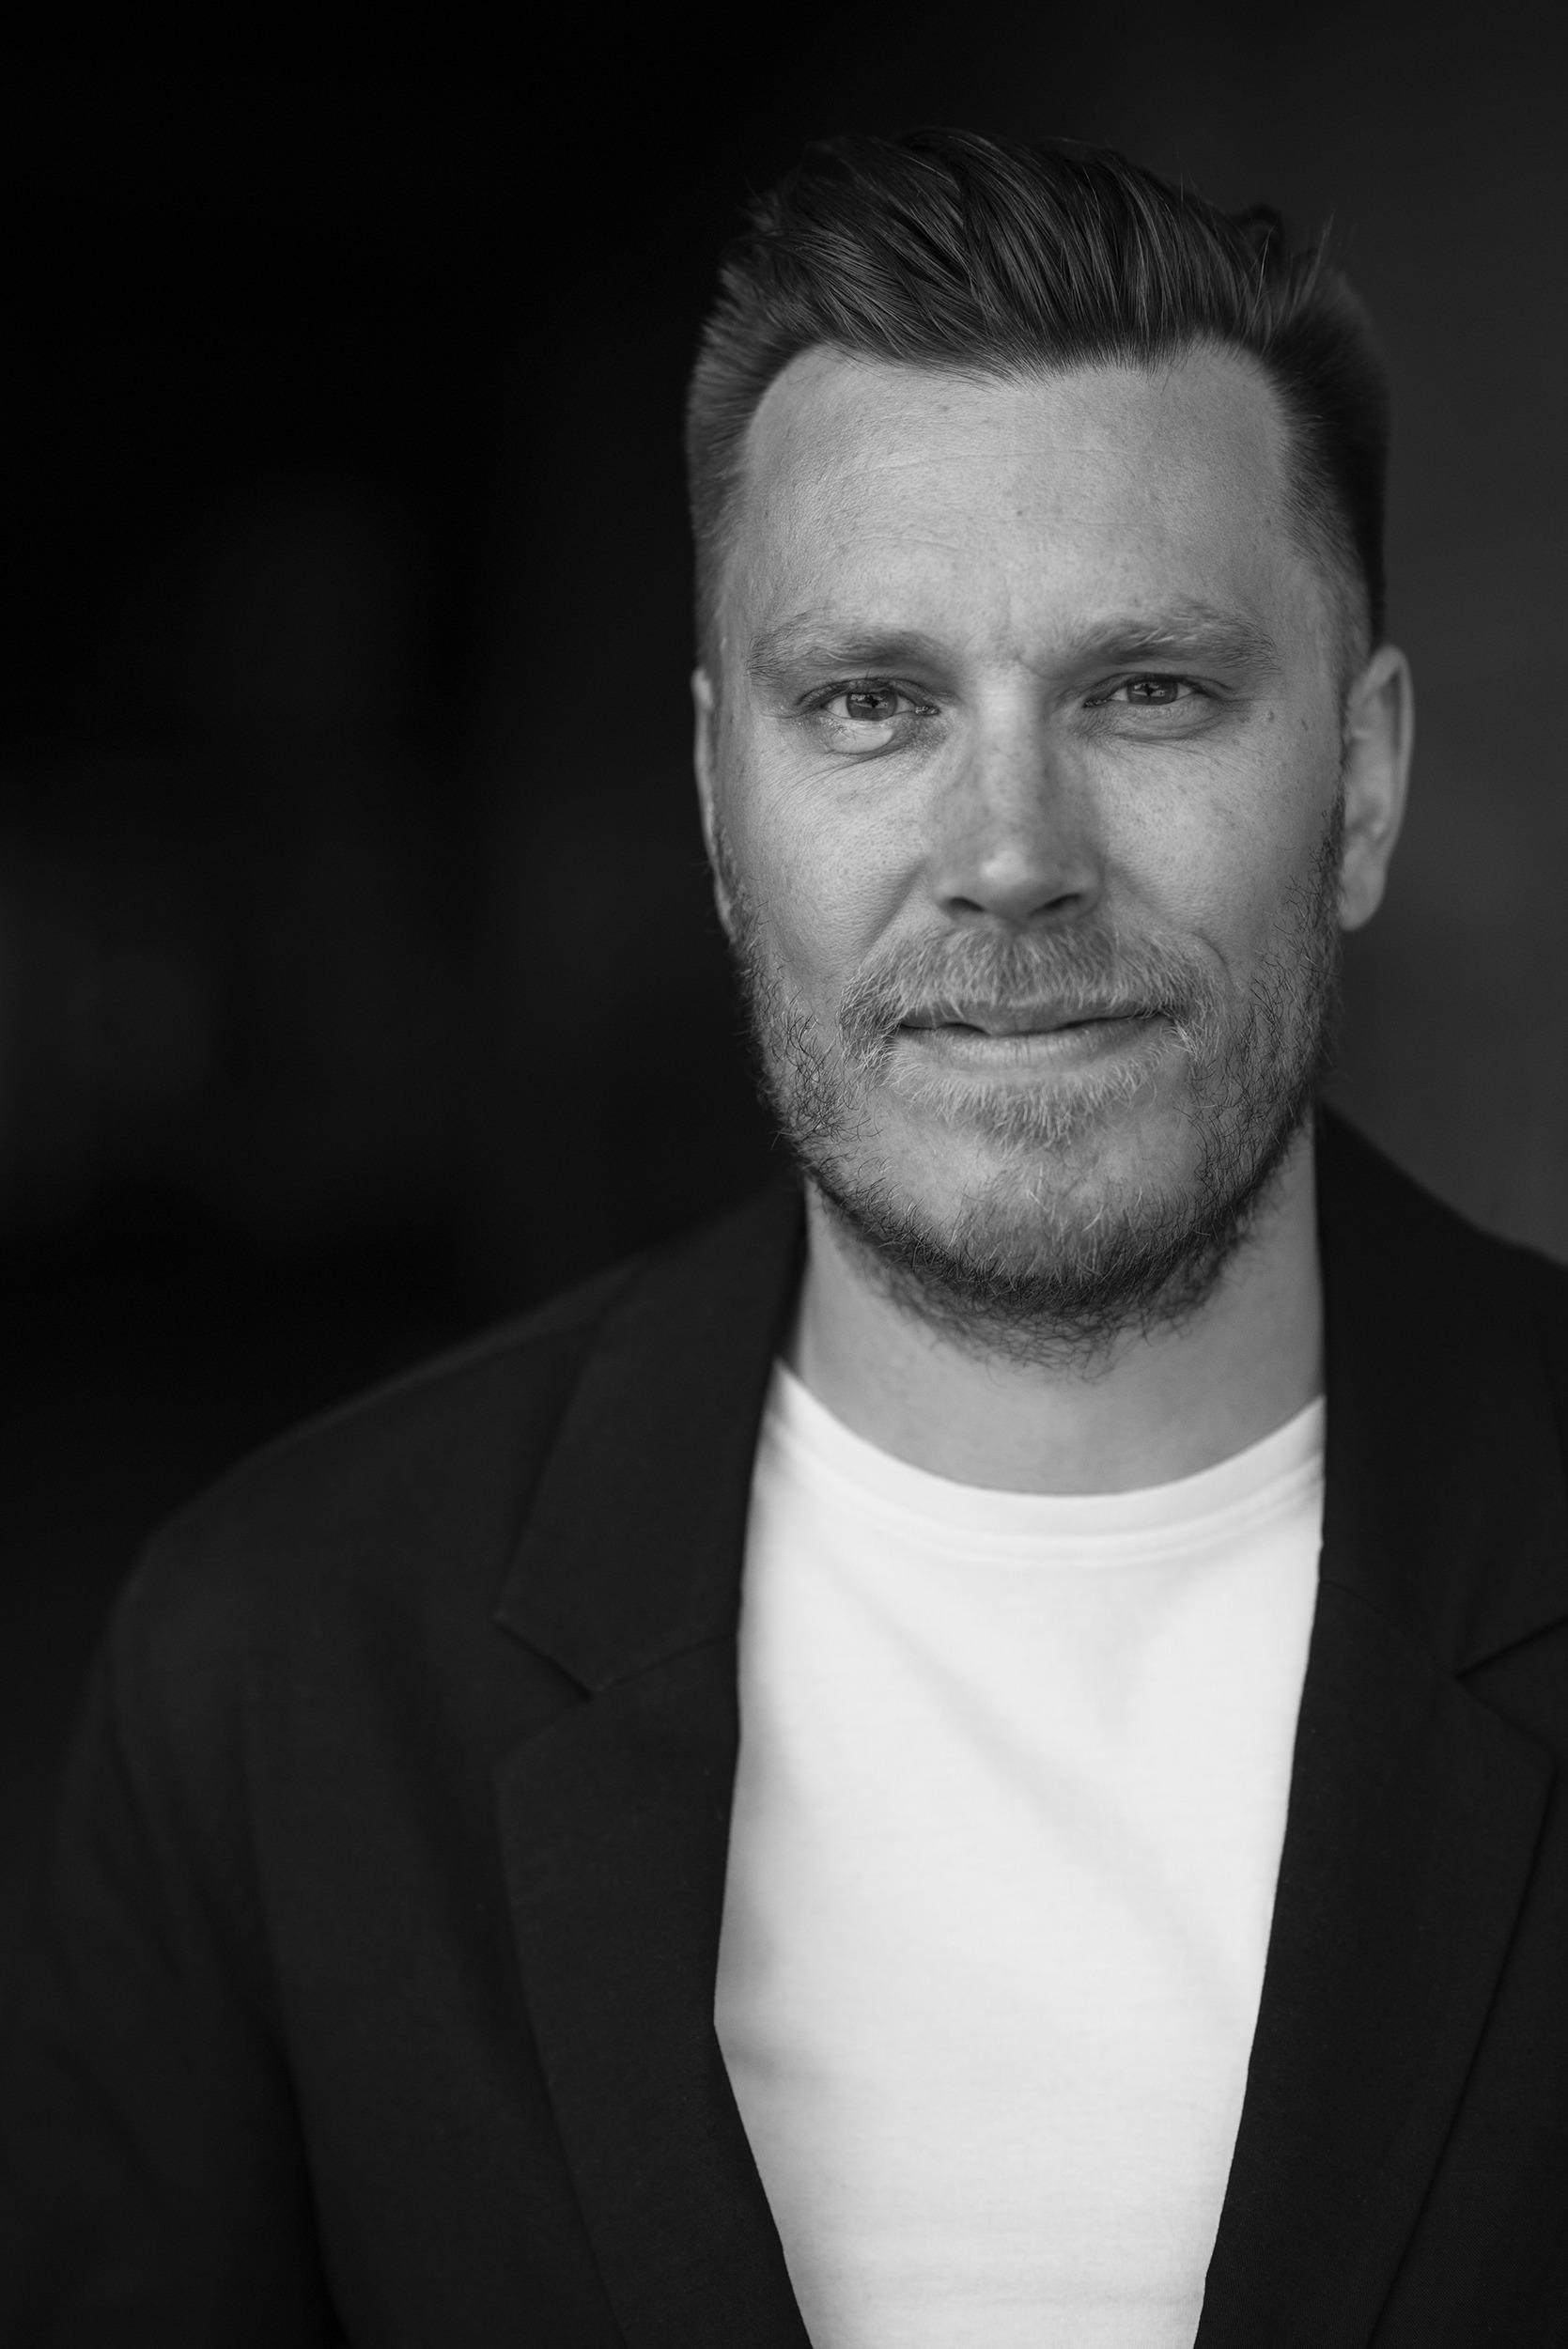 Mellan ideal och verklighet - spaningar om chefsrollen av Johan Welander